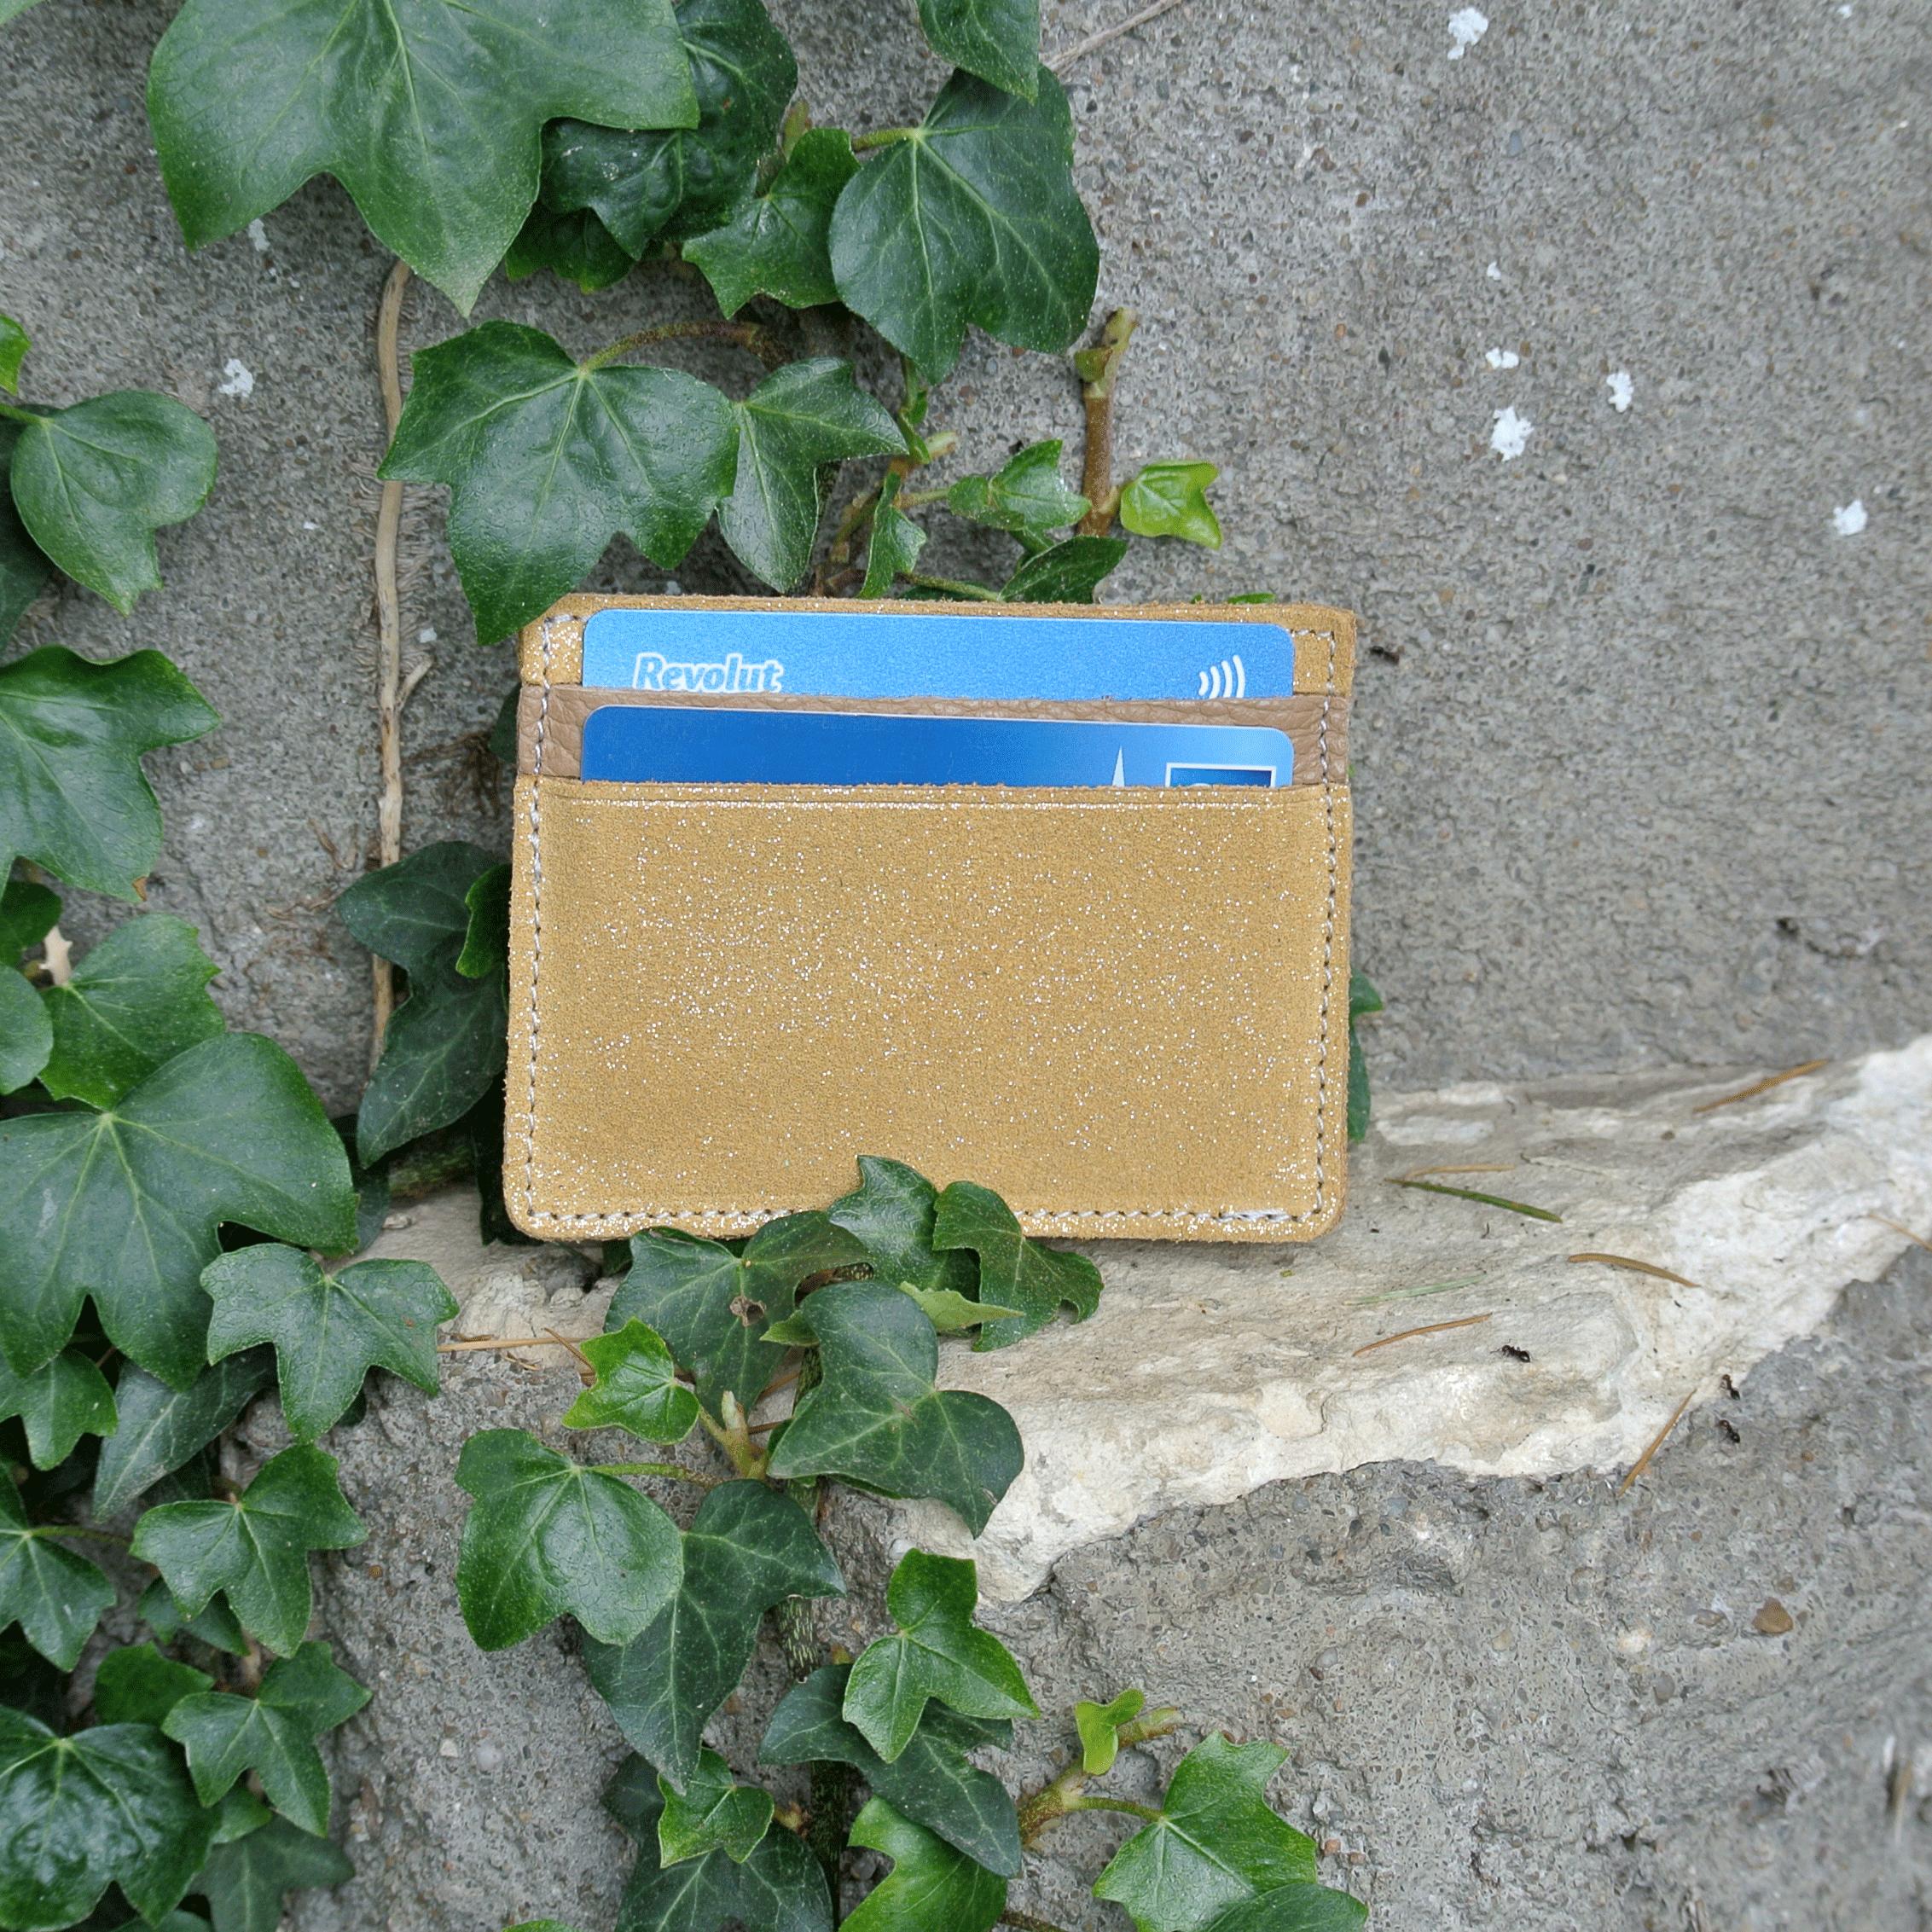 cuirs-pailletés-cuirs-fantaisies-fabriqué-en-france-la-cartabliere-etui-carte-triple-cuir-paillete-alezan